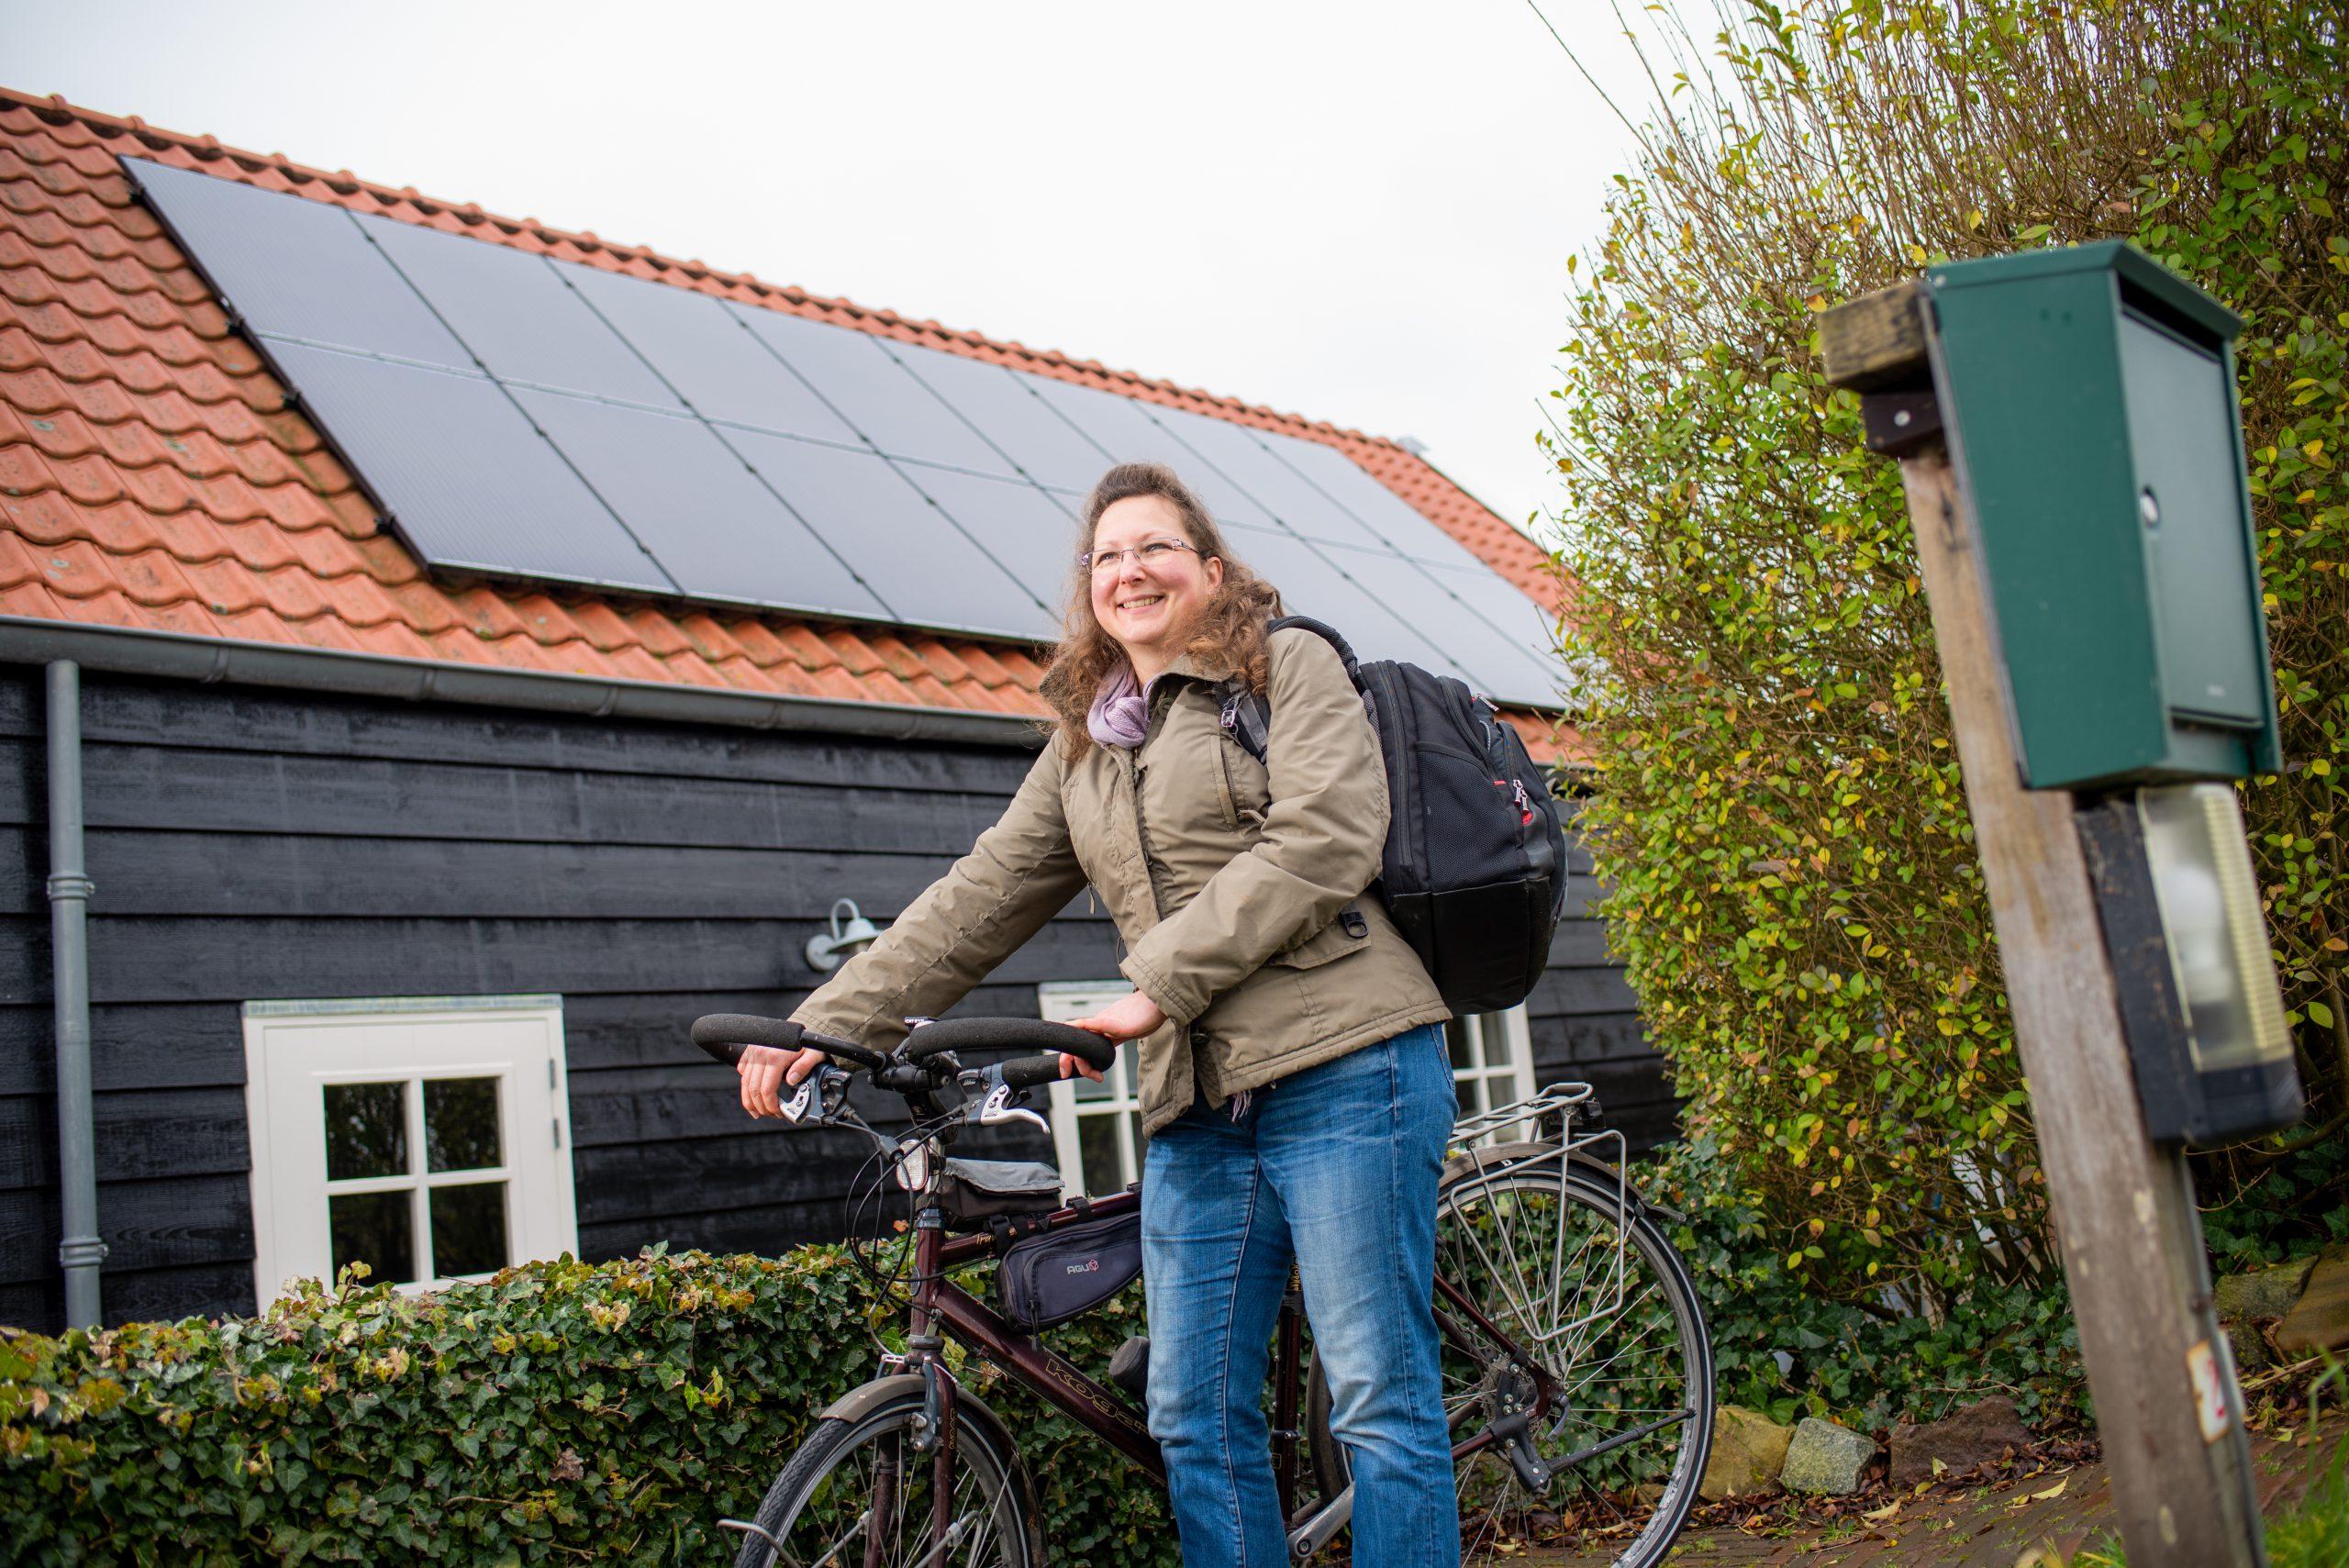 Thinking outside the sustainability box